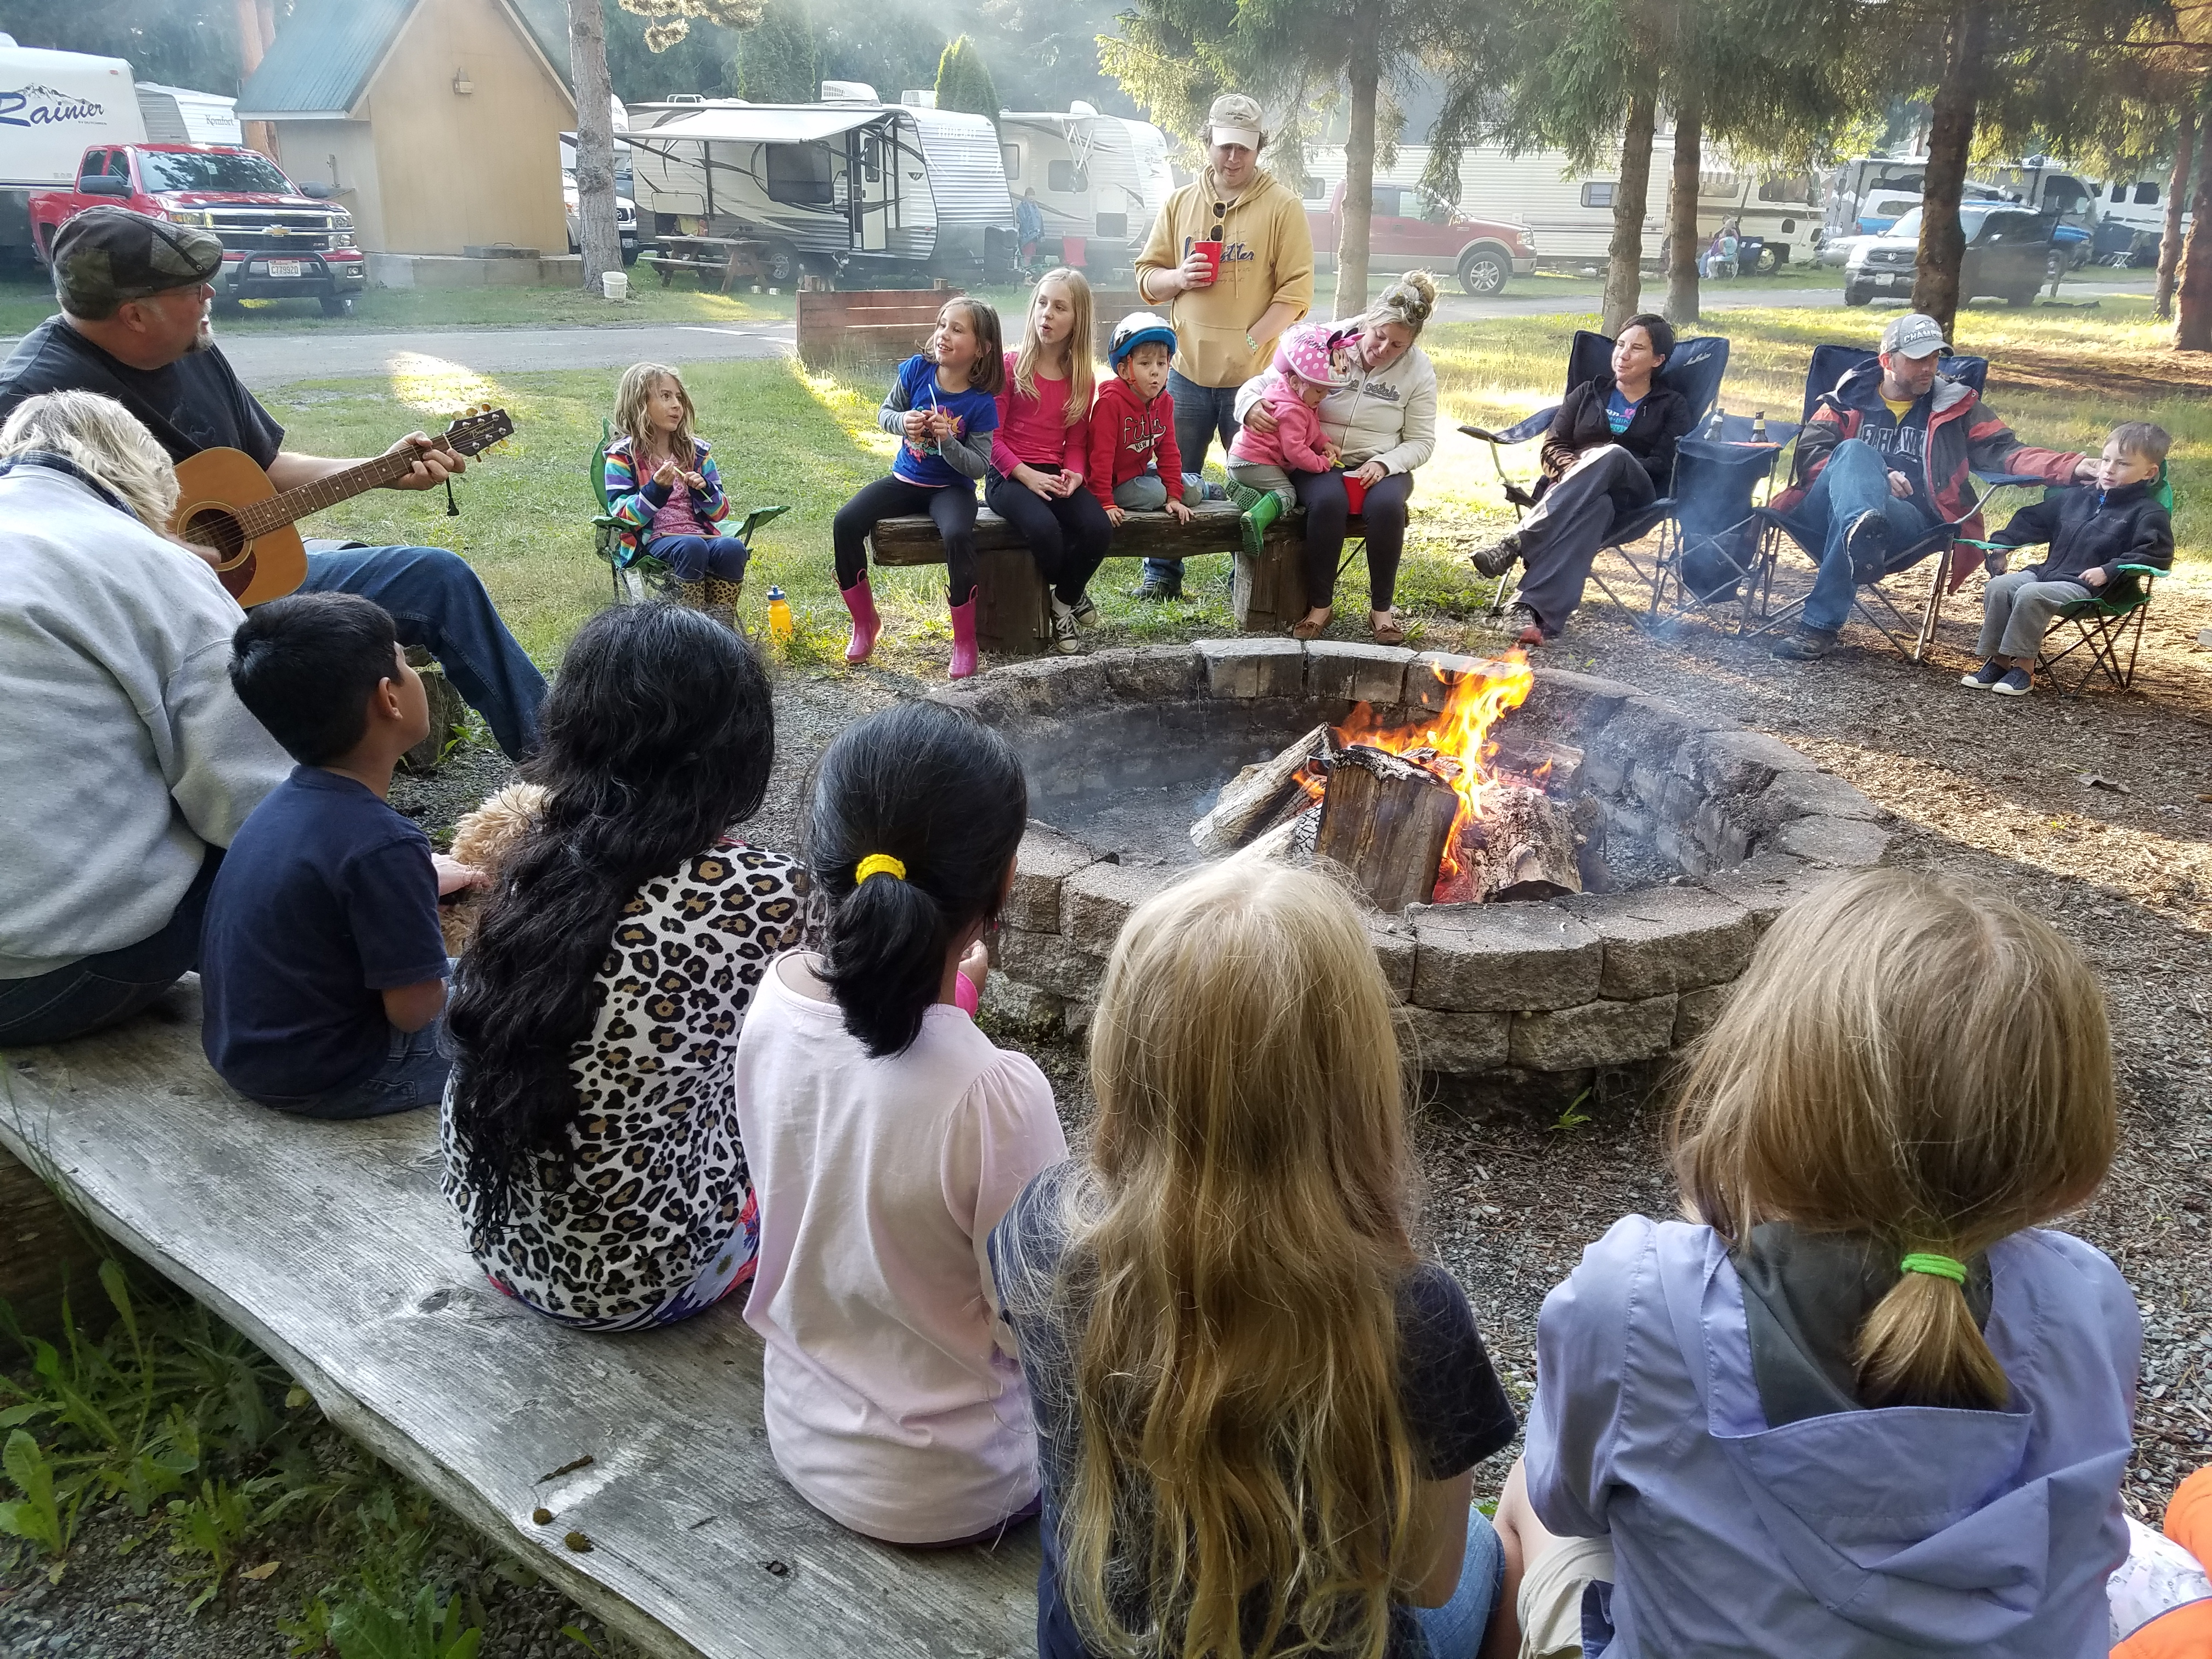 Burlington / Anacortes KOA Holiday image 20